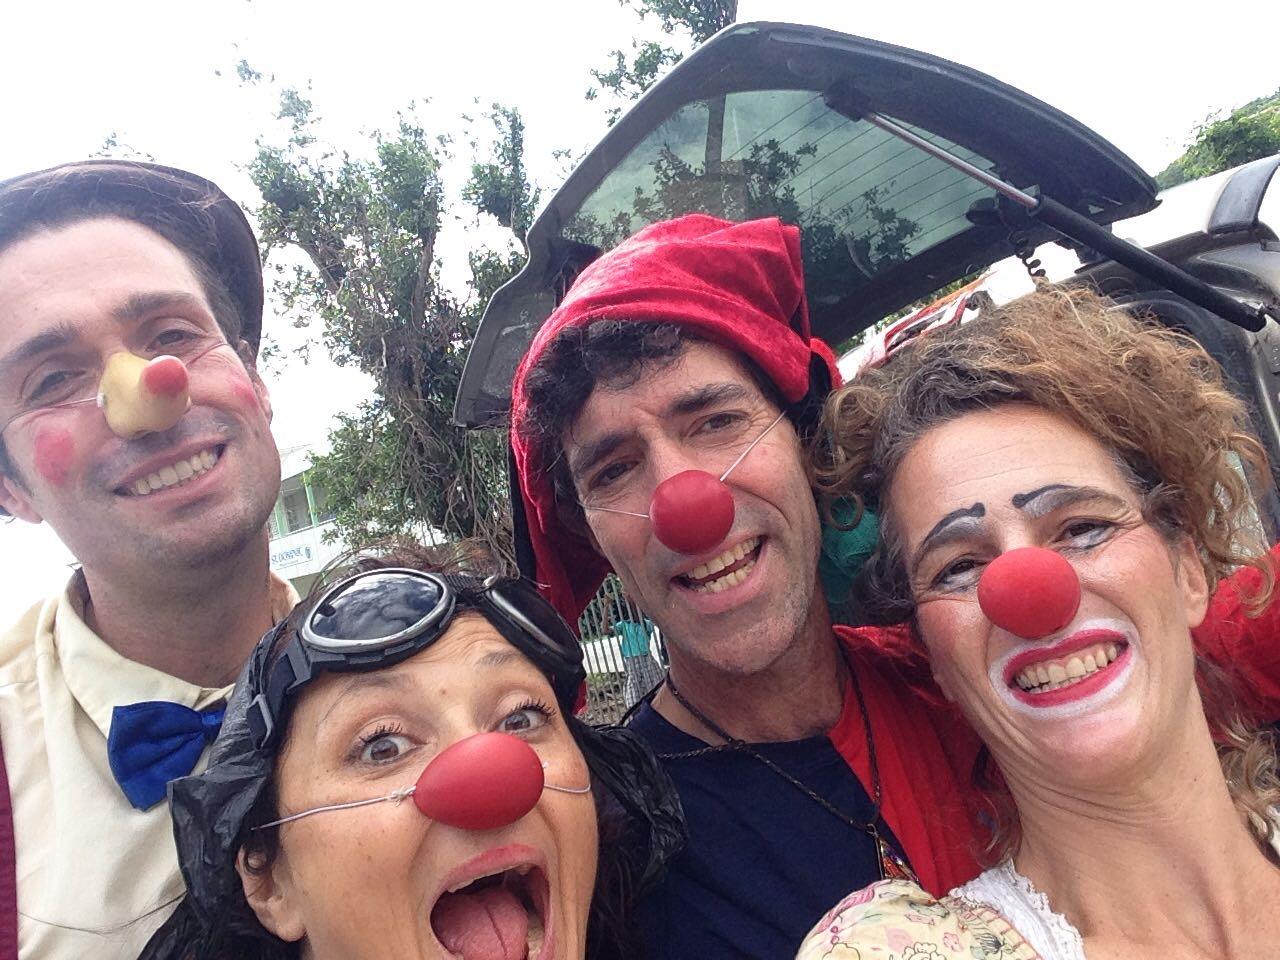 CWB clowns on the St. Maarten tour